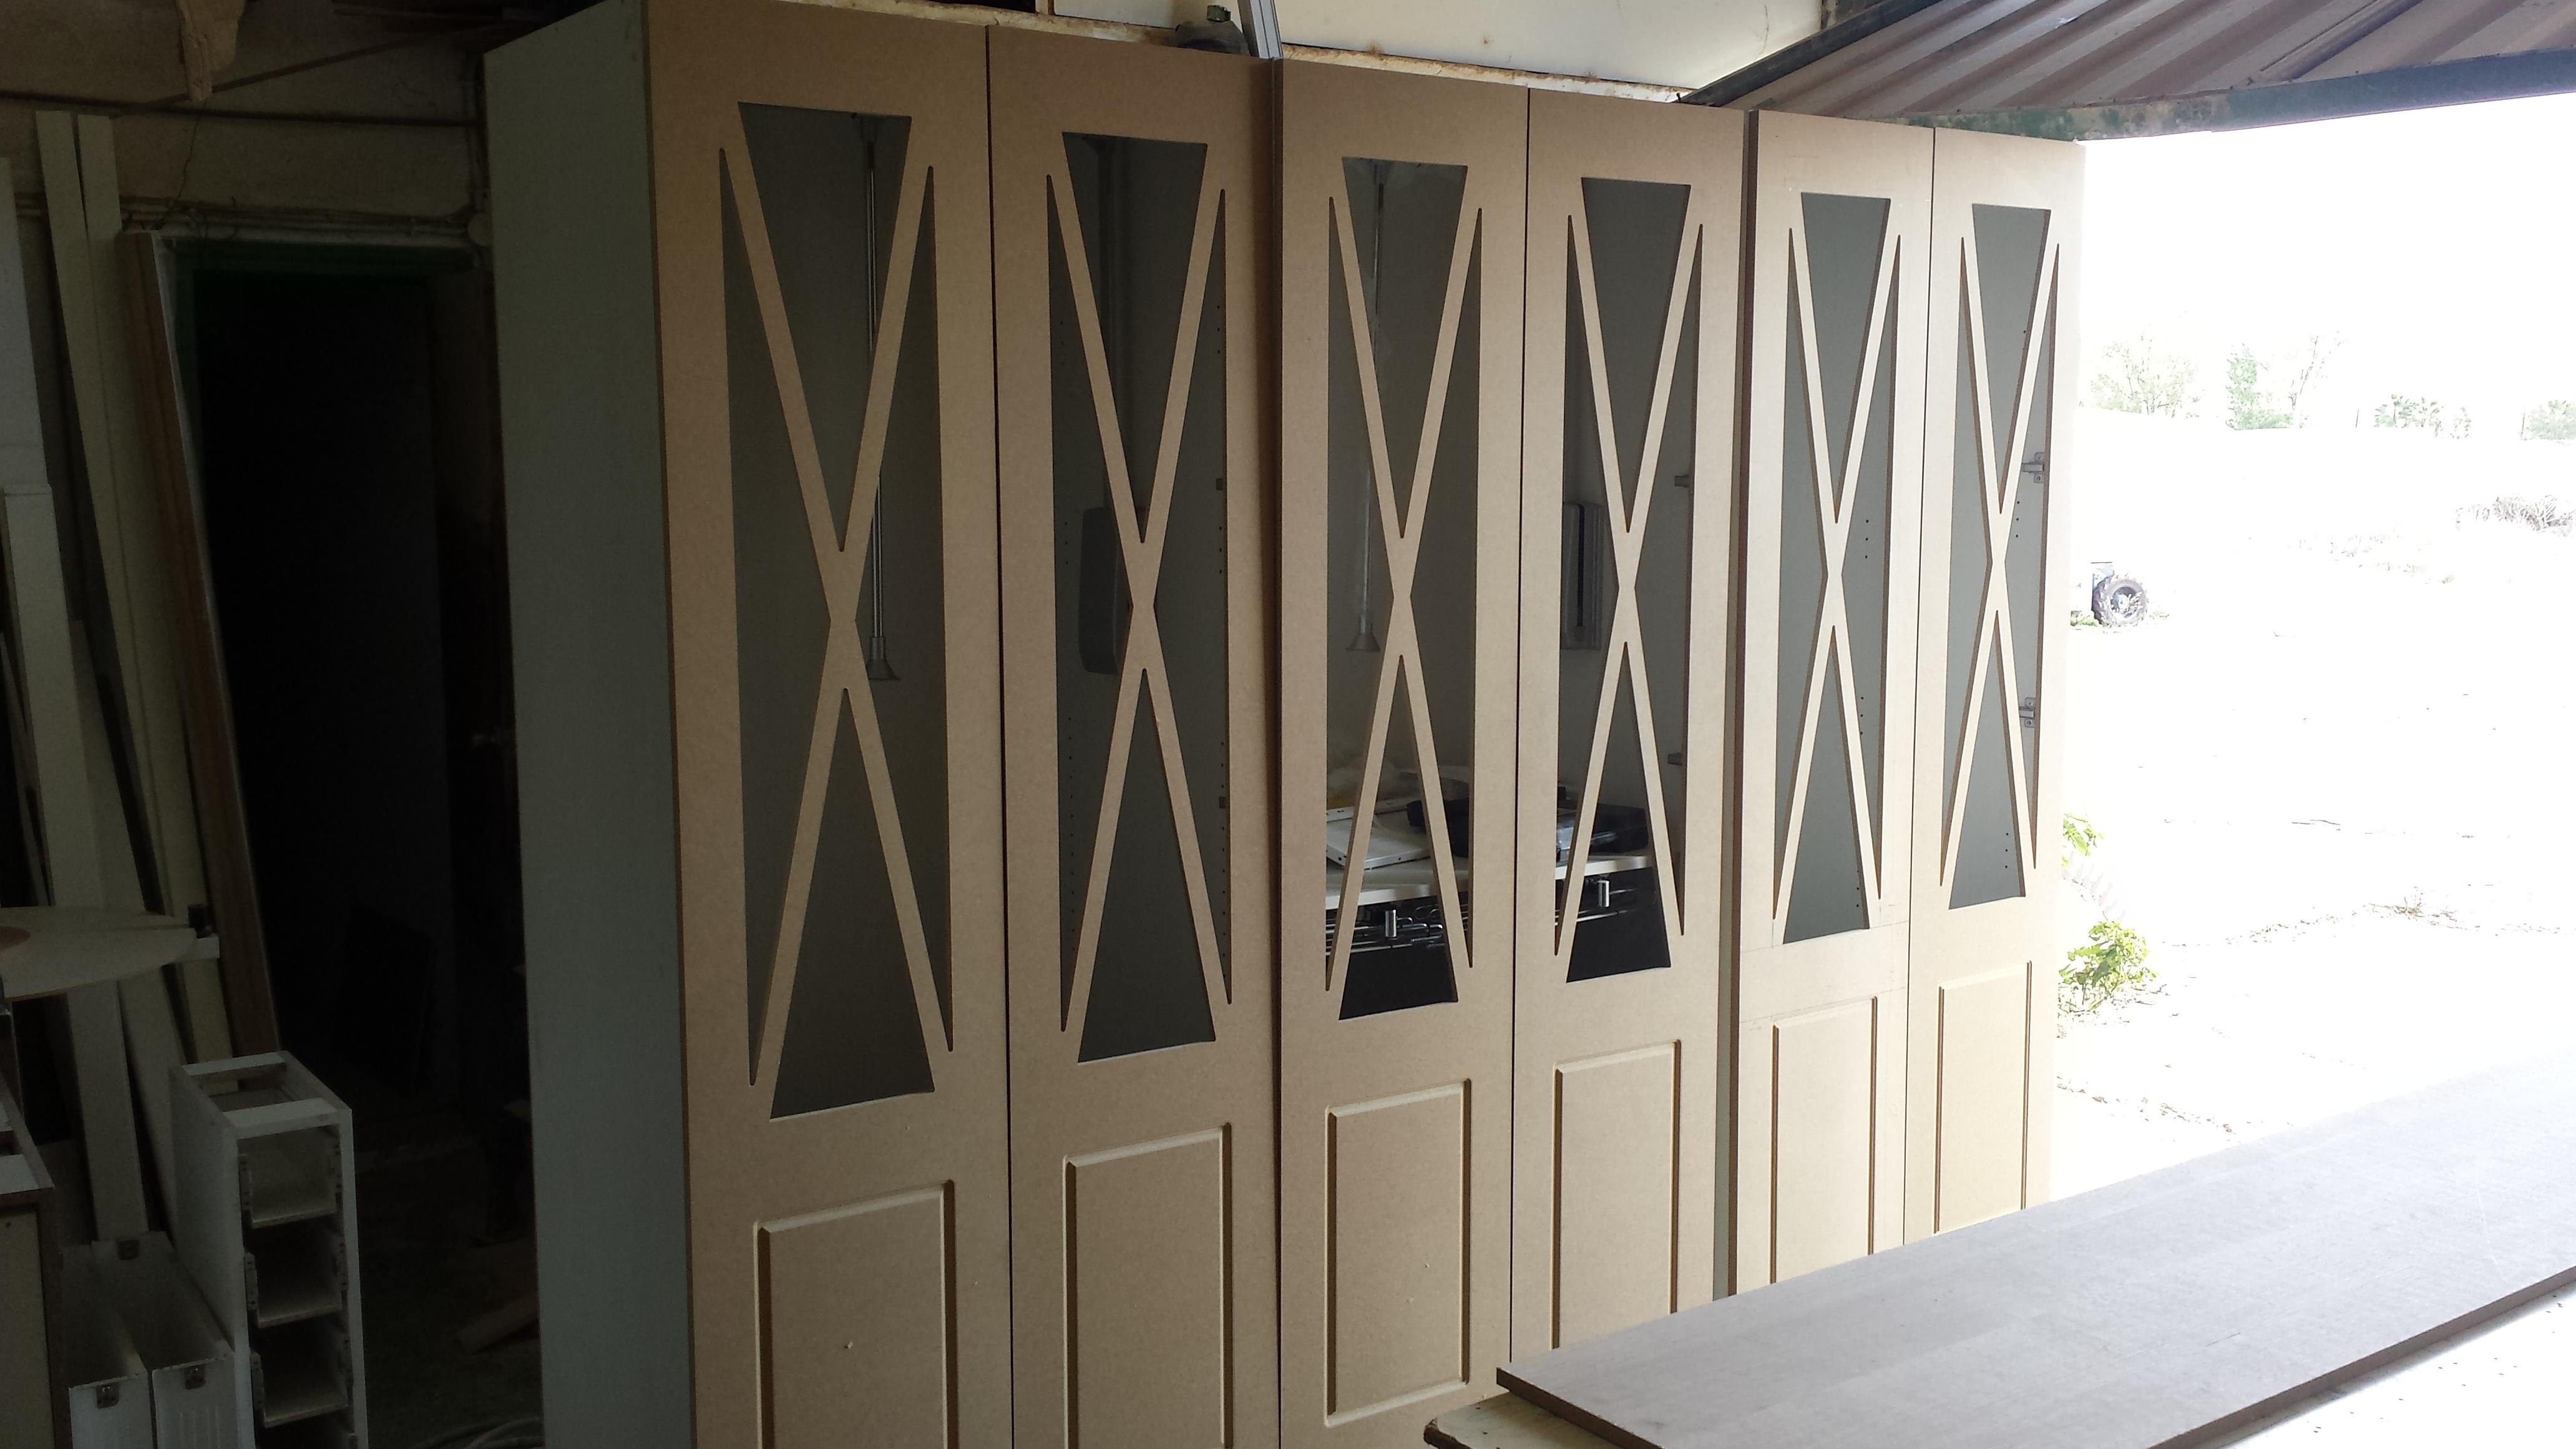 axis carpinteria y diseño badajoz extremadura madera mueble a medida mobiliario interiorismo decoracion (1)